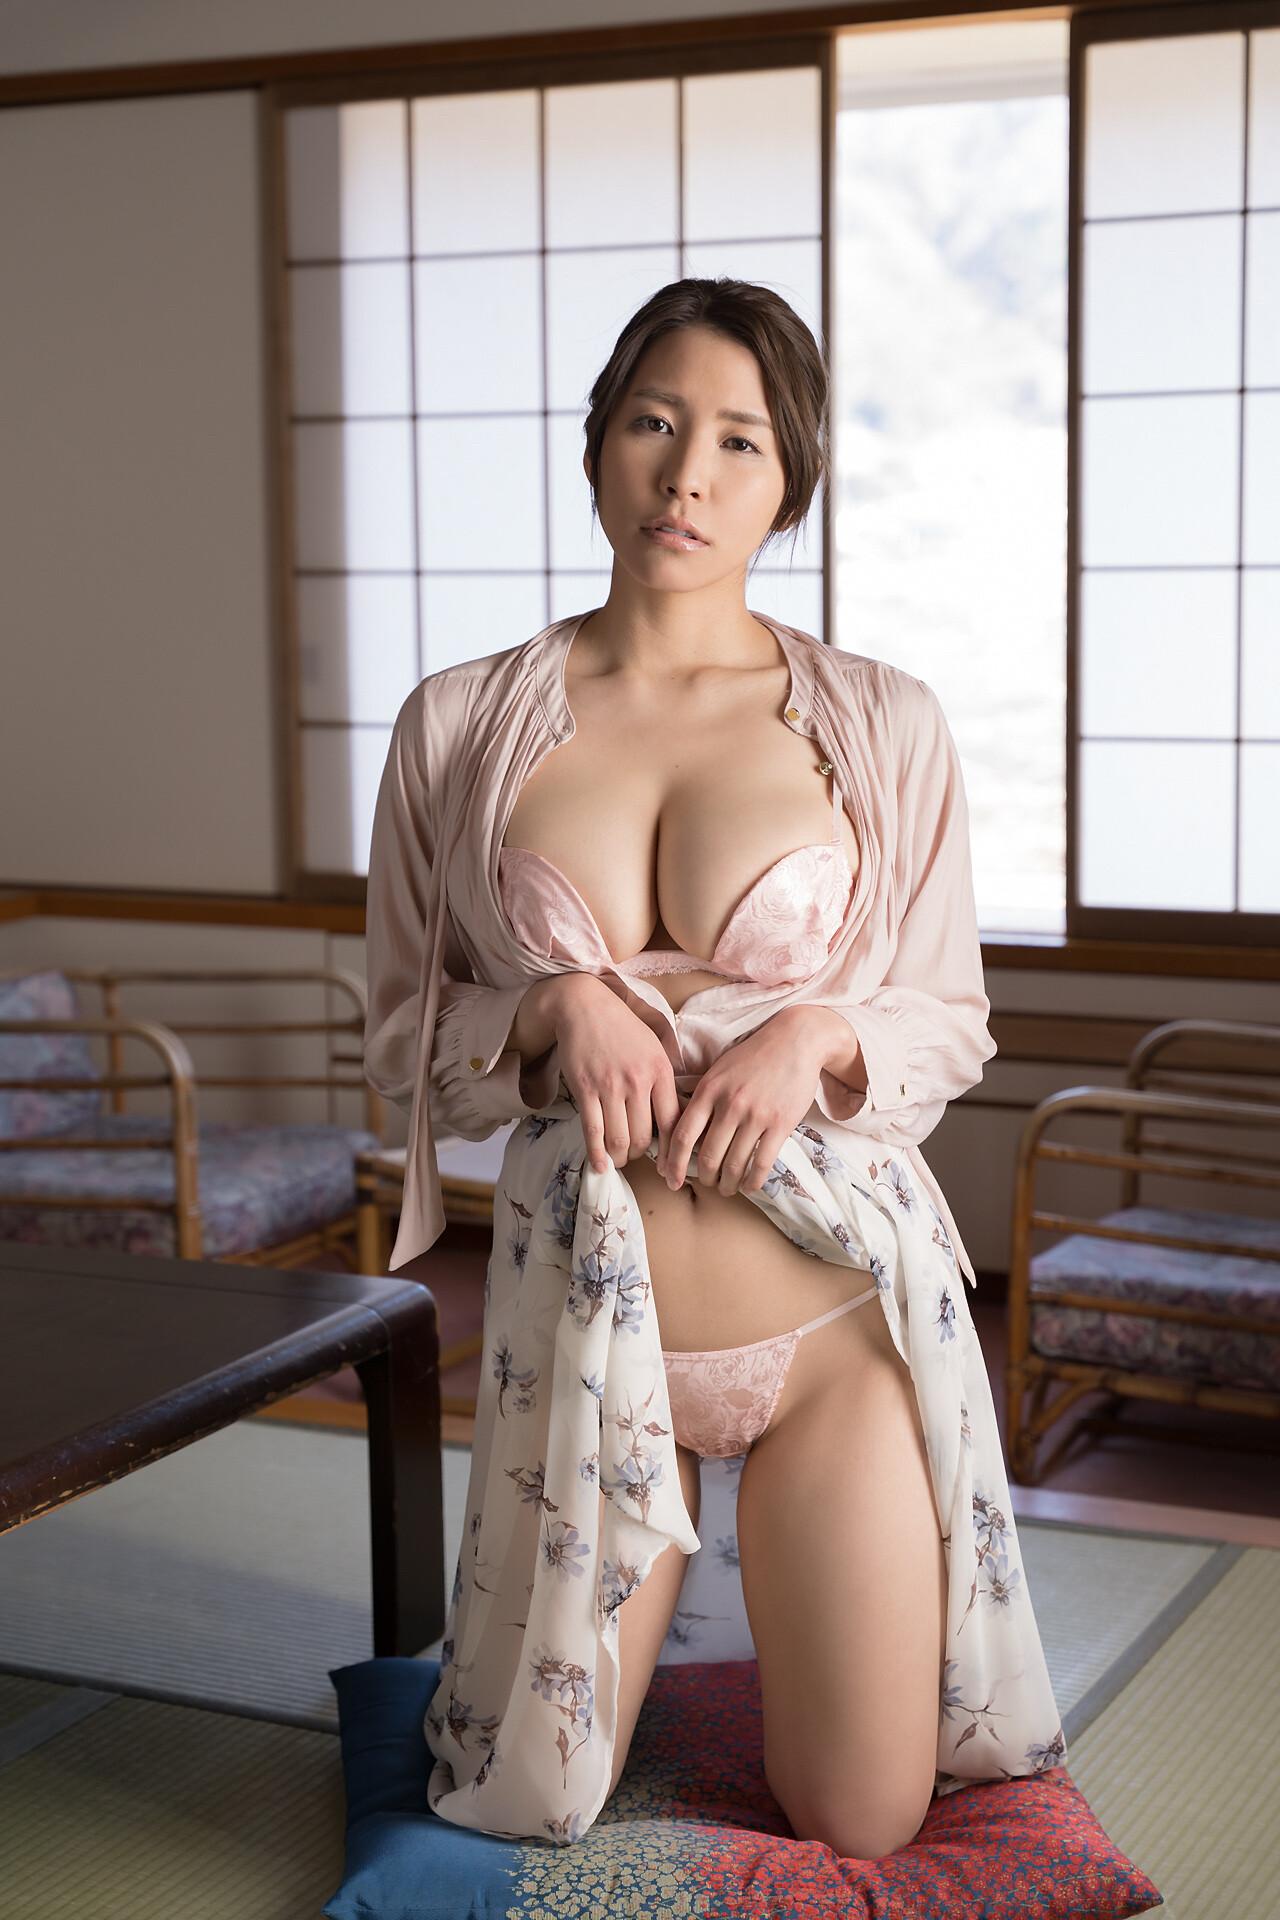 夏来唯 Yui Natsuki -2.jpg